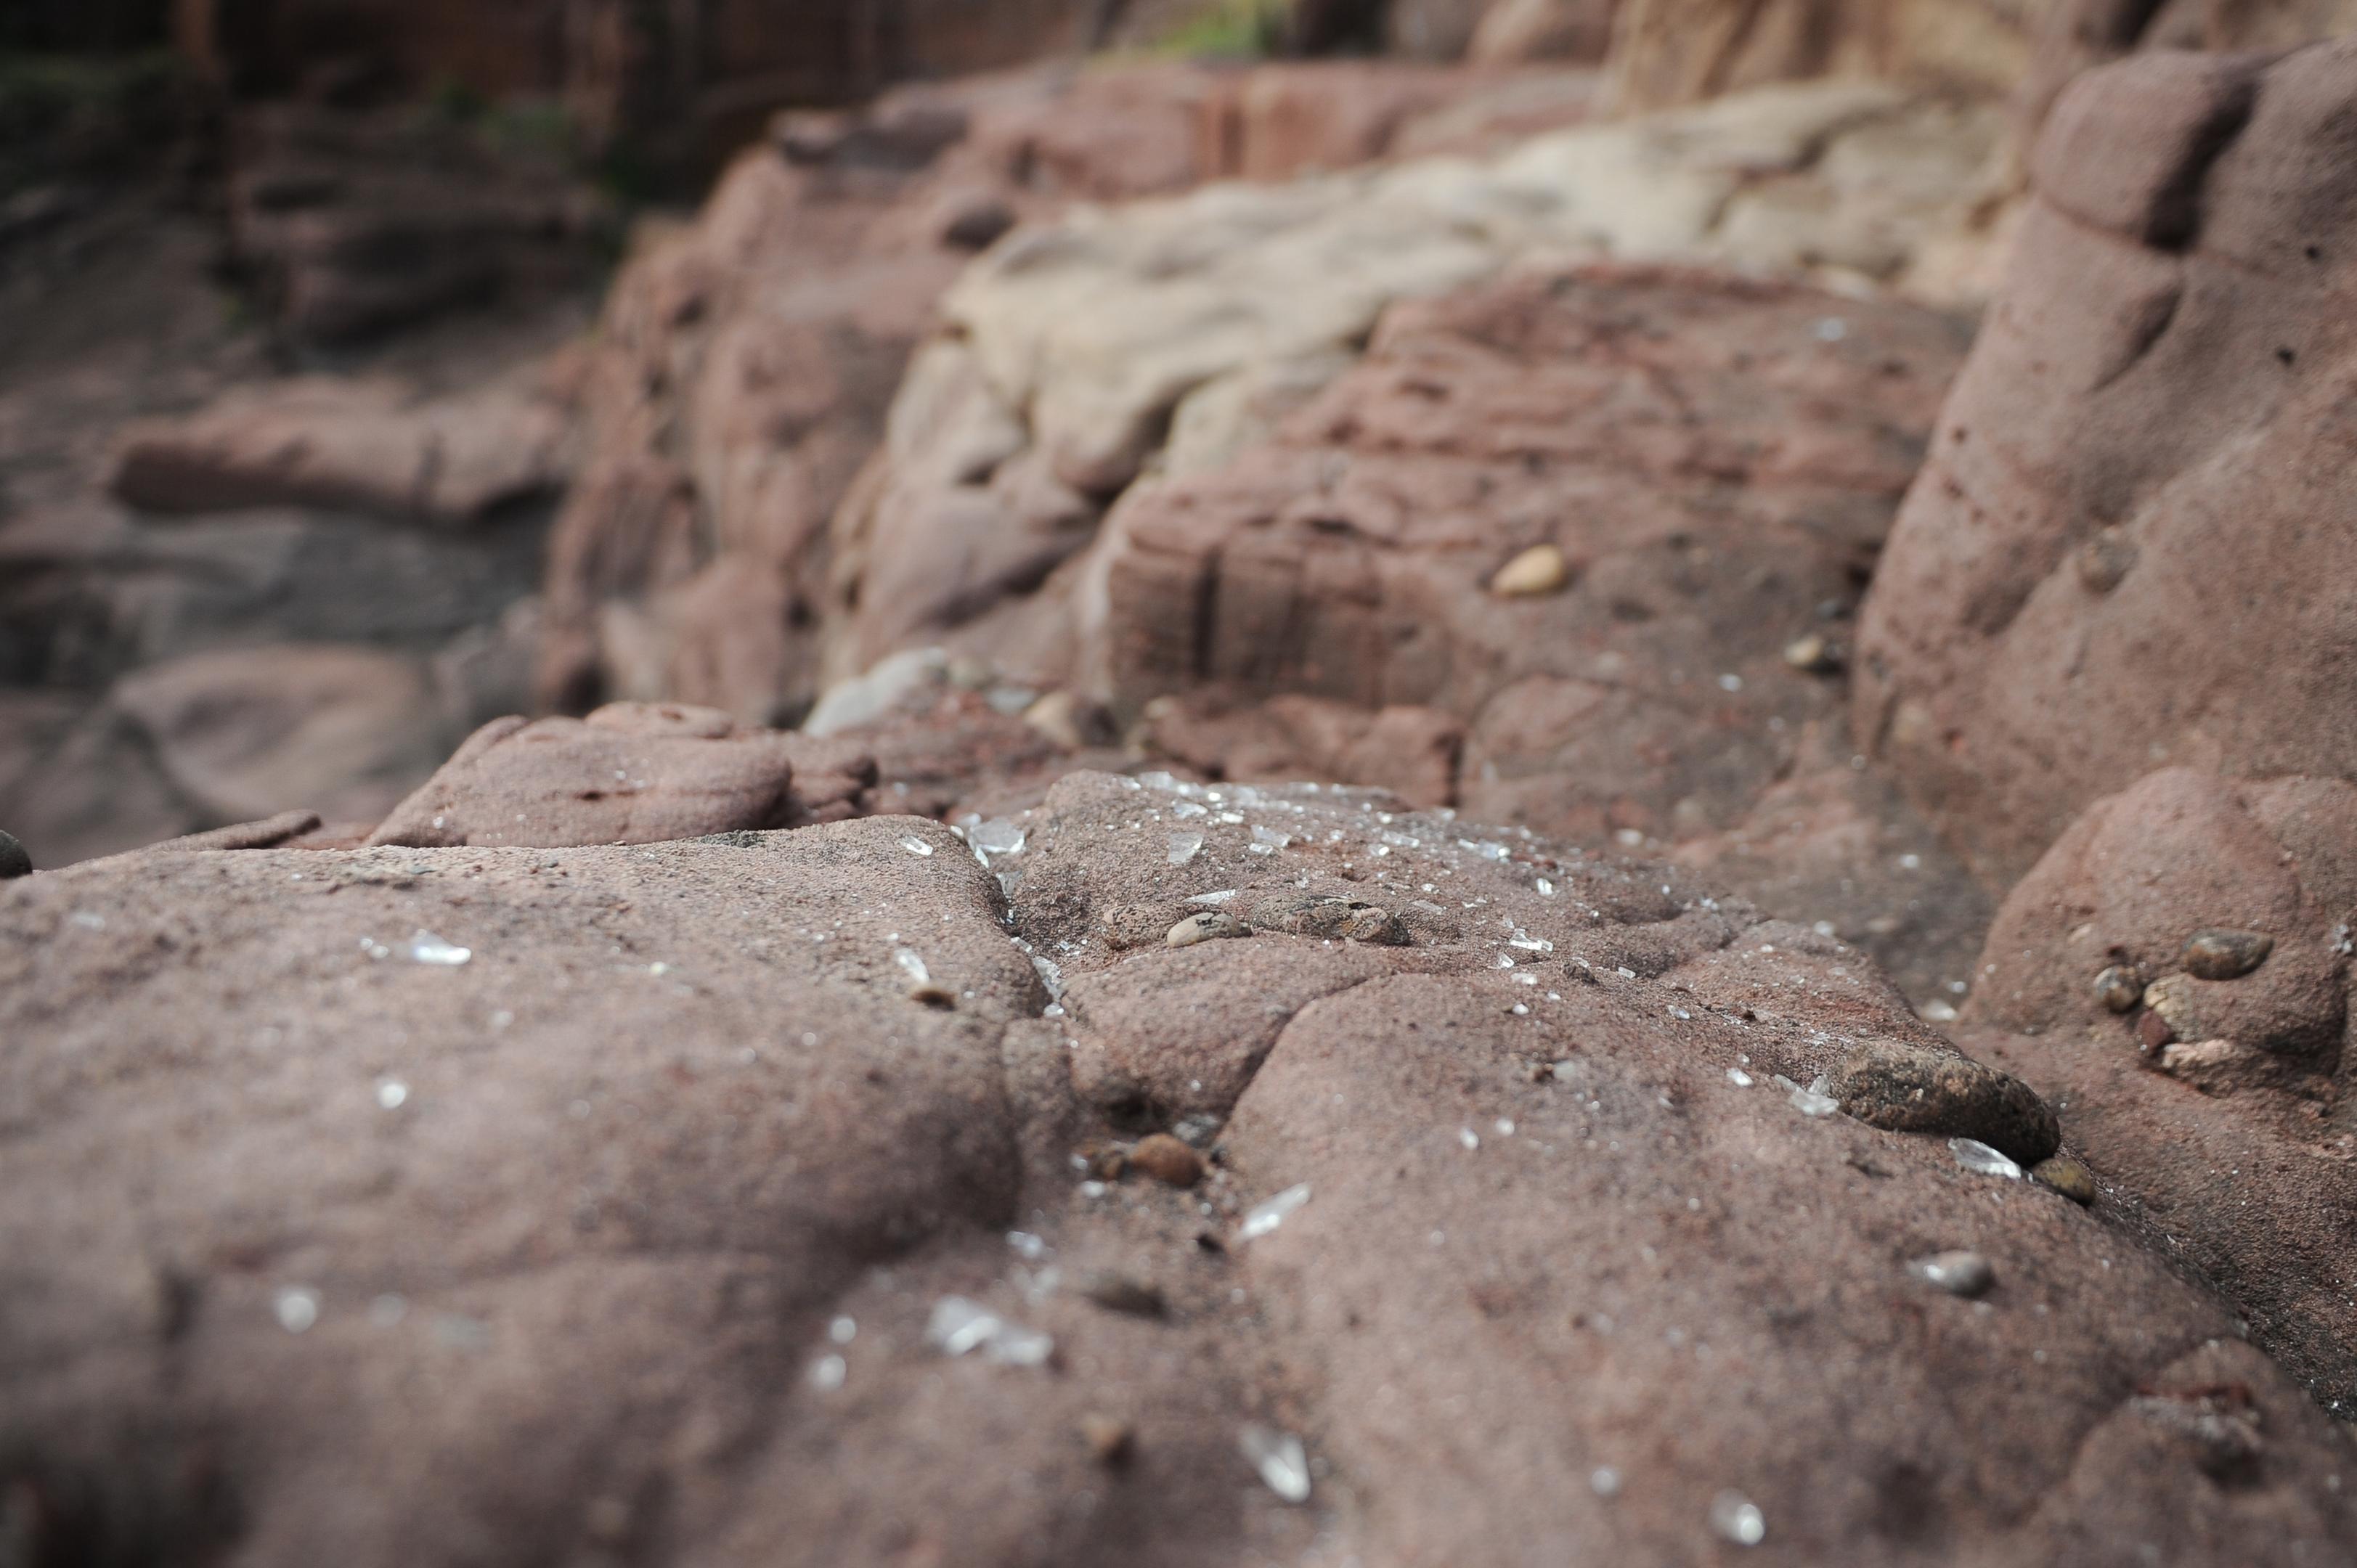 Rubbish strewn across Arbroath cliffs